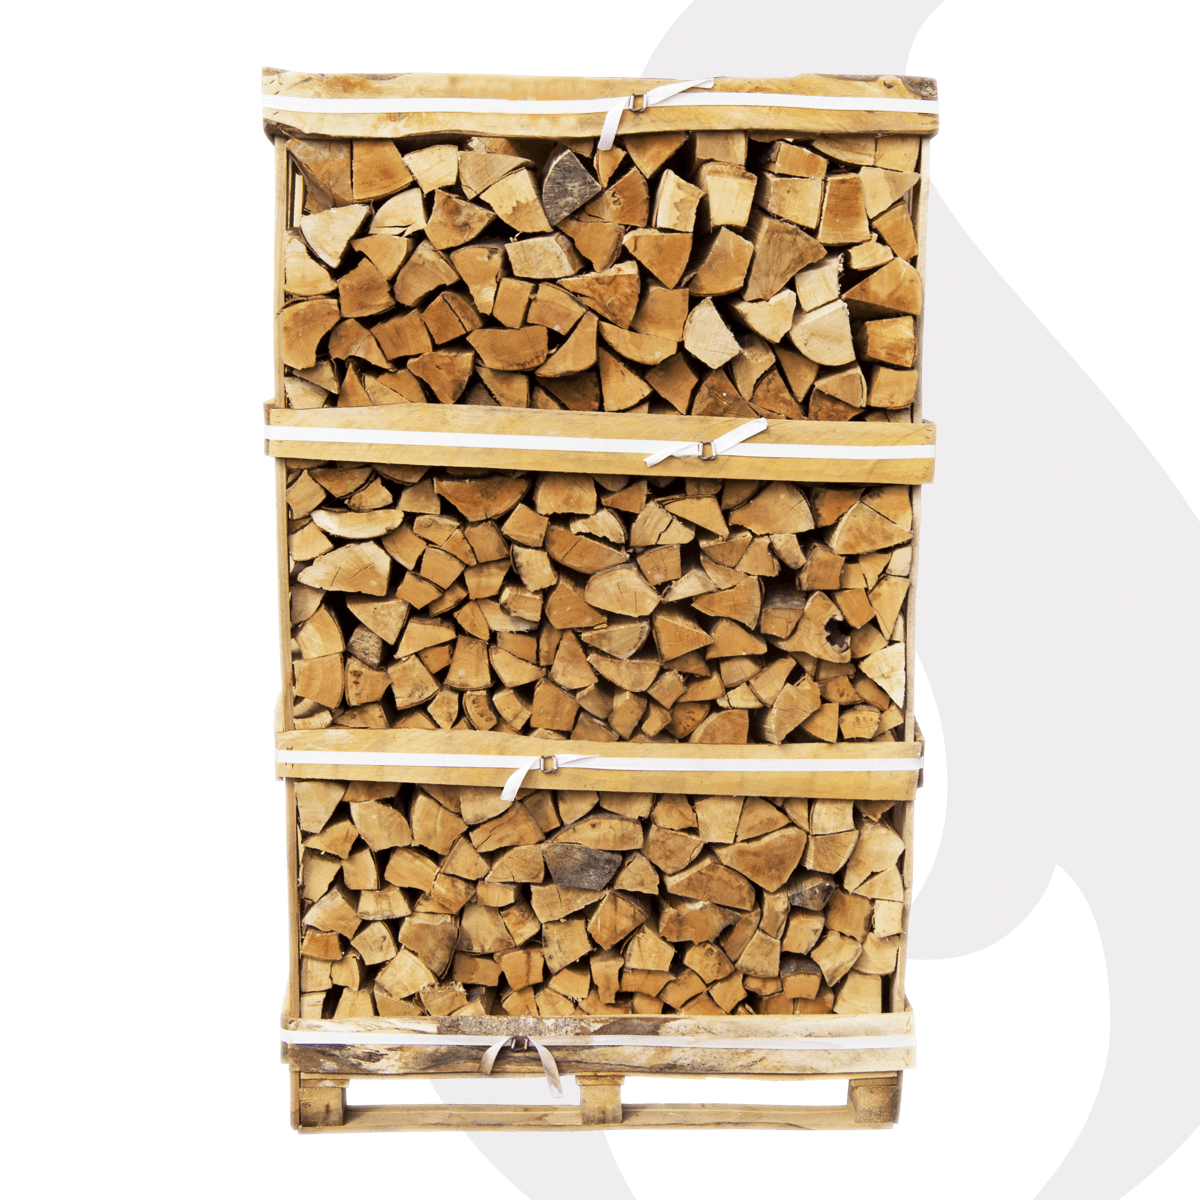 brennholz buche 33 cm auf palette gestapelt 2 rm 3 2 srm 1000 kg kobrix. Black Bedroom Furniture Sets. Home Design Ideas